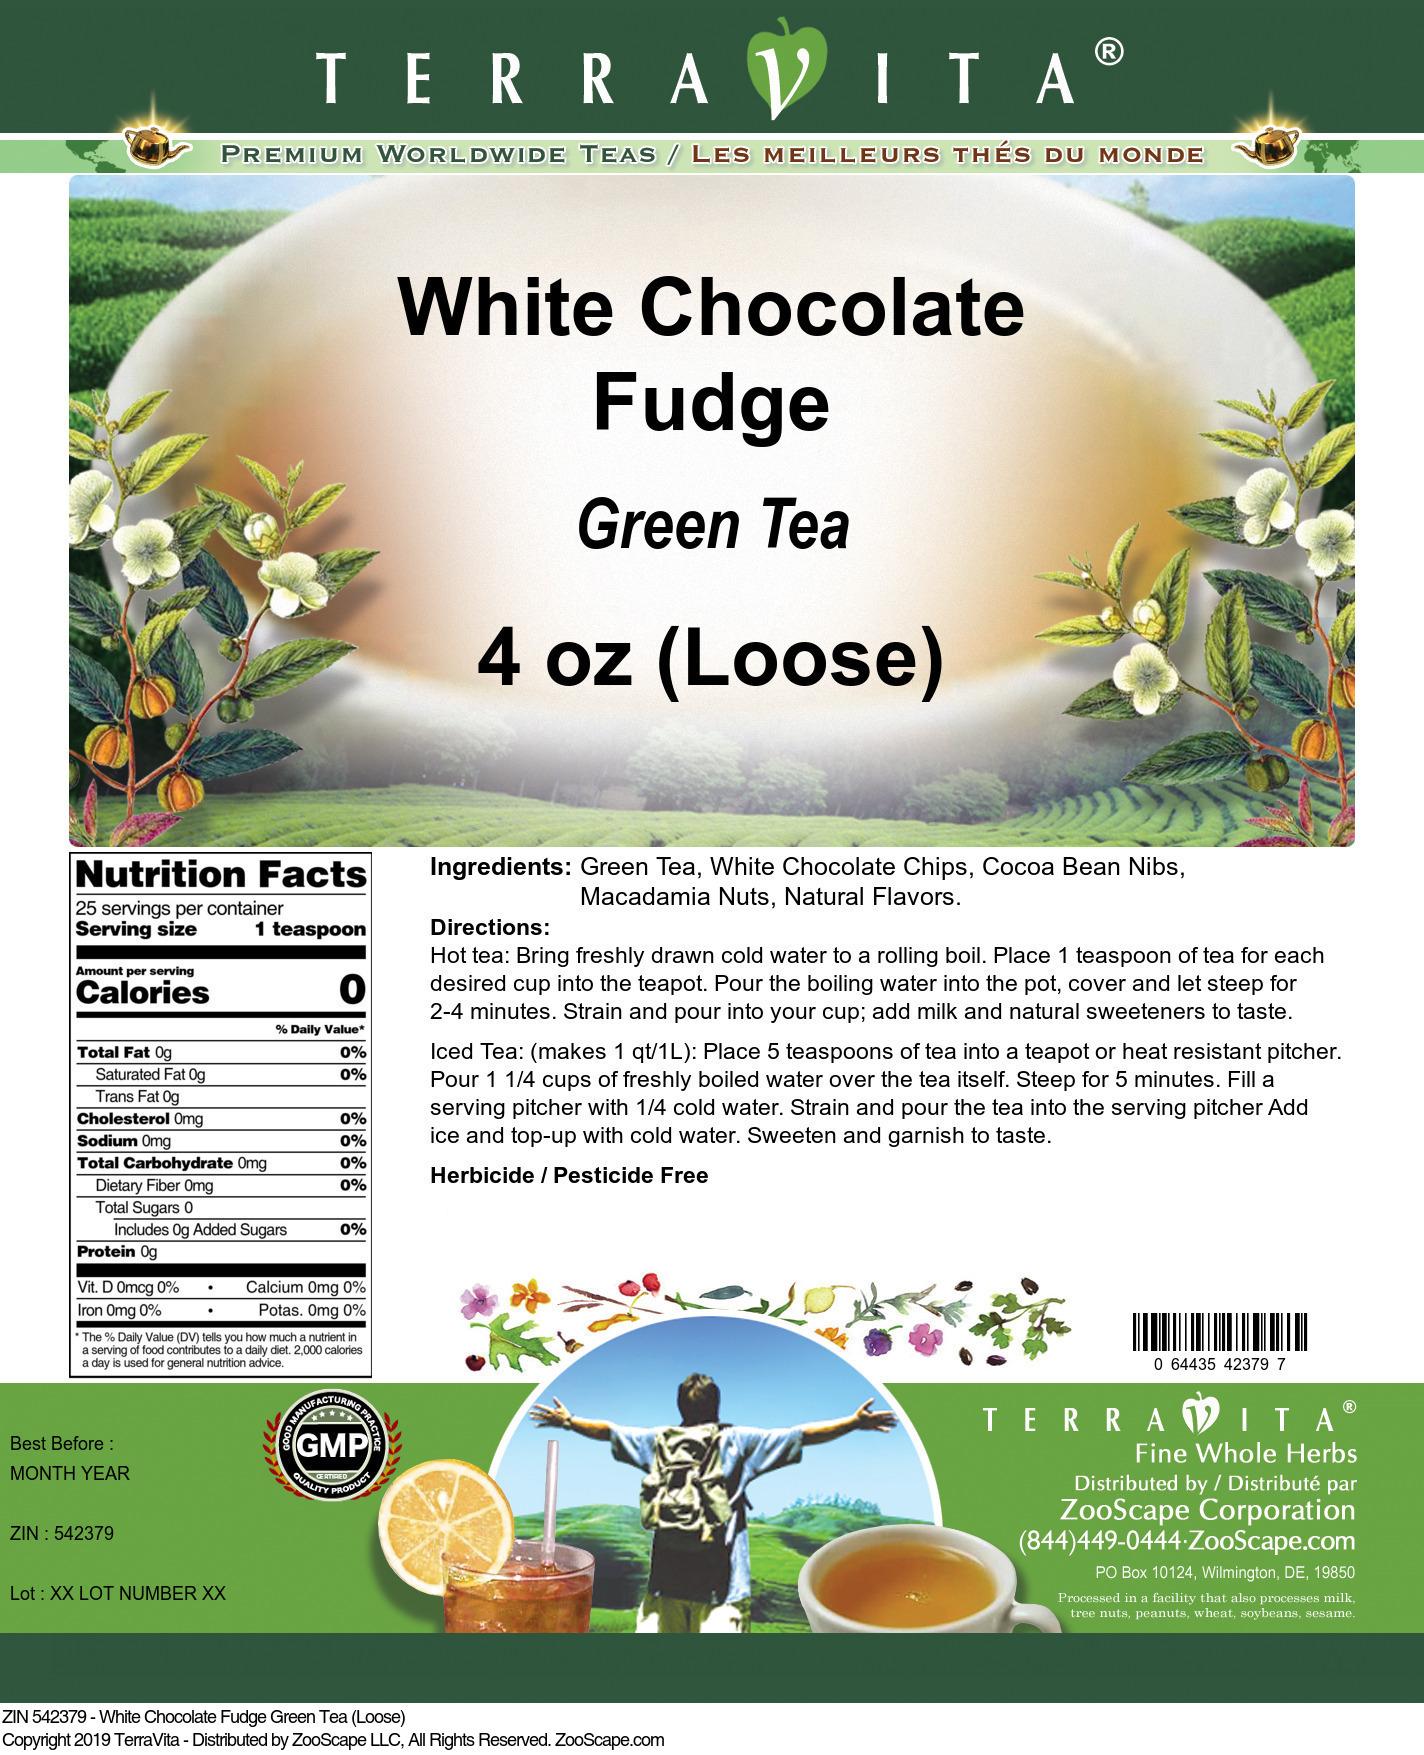 White Chocolate Fudge Green Tea (Loose)